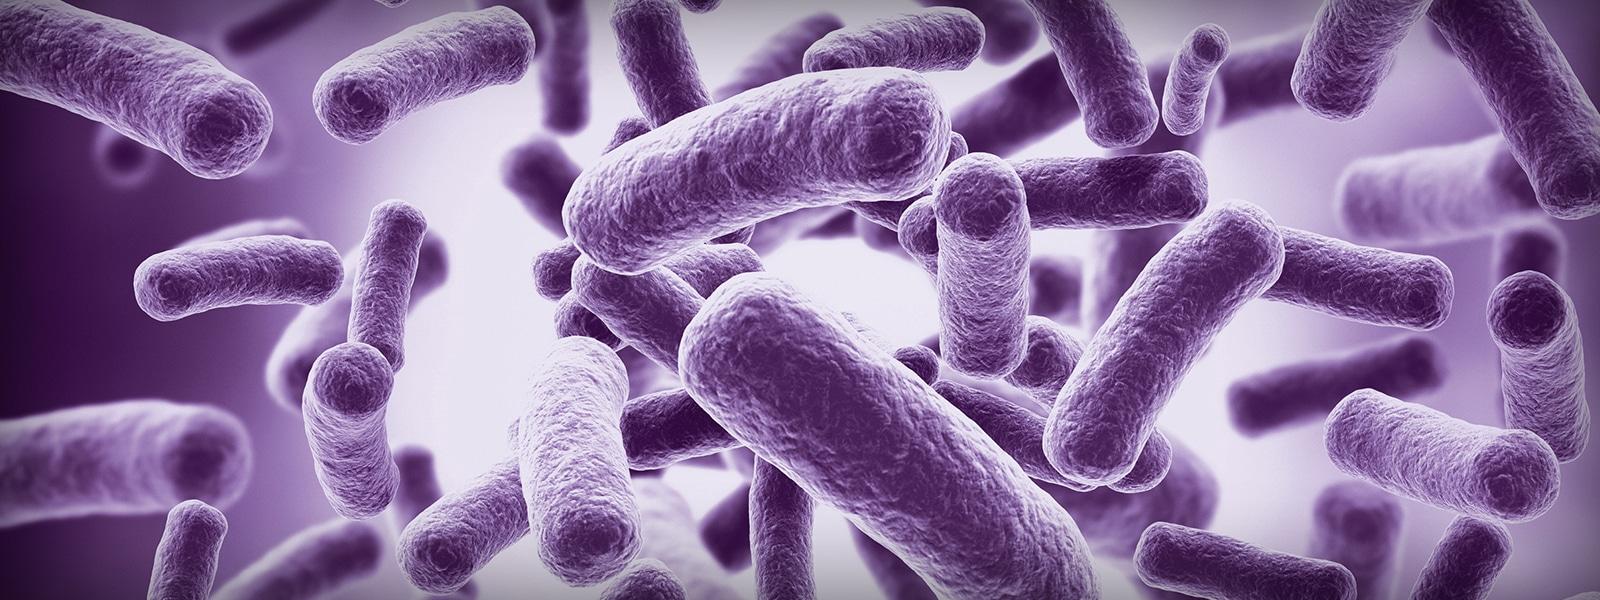 The Gastrointestinal Microbiota: An Introduction